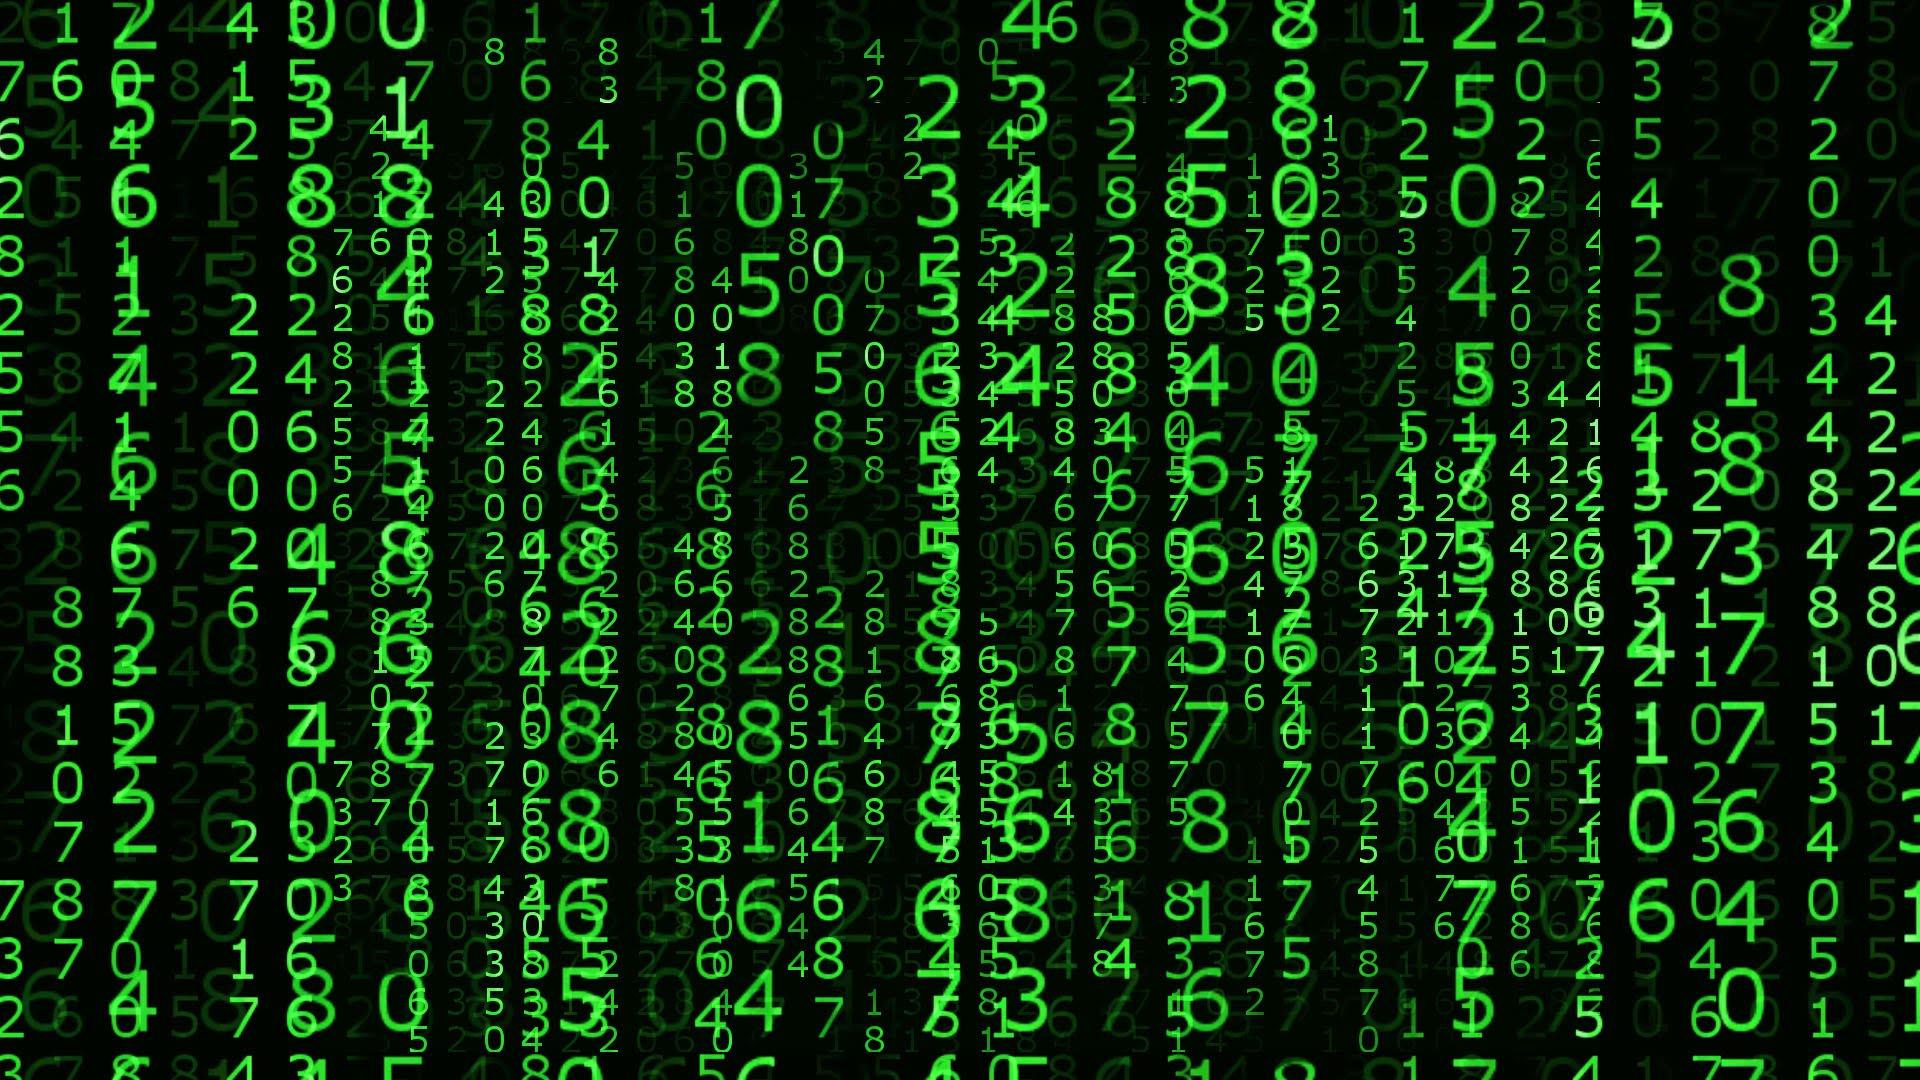 Le chiffrement sécurisé d'Emmanuel Macron Schrödinger